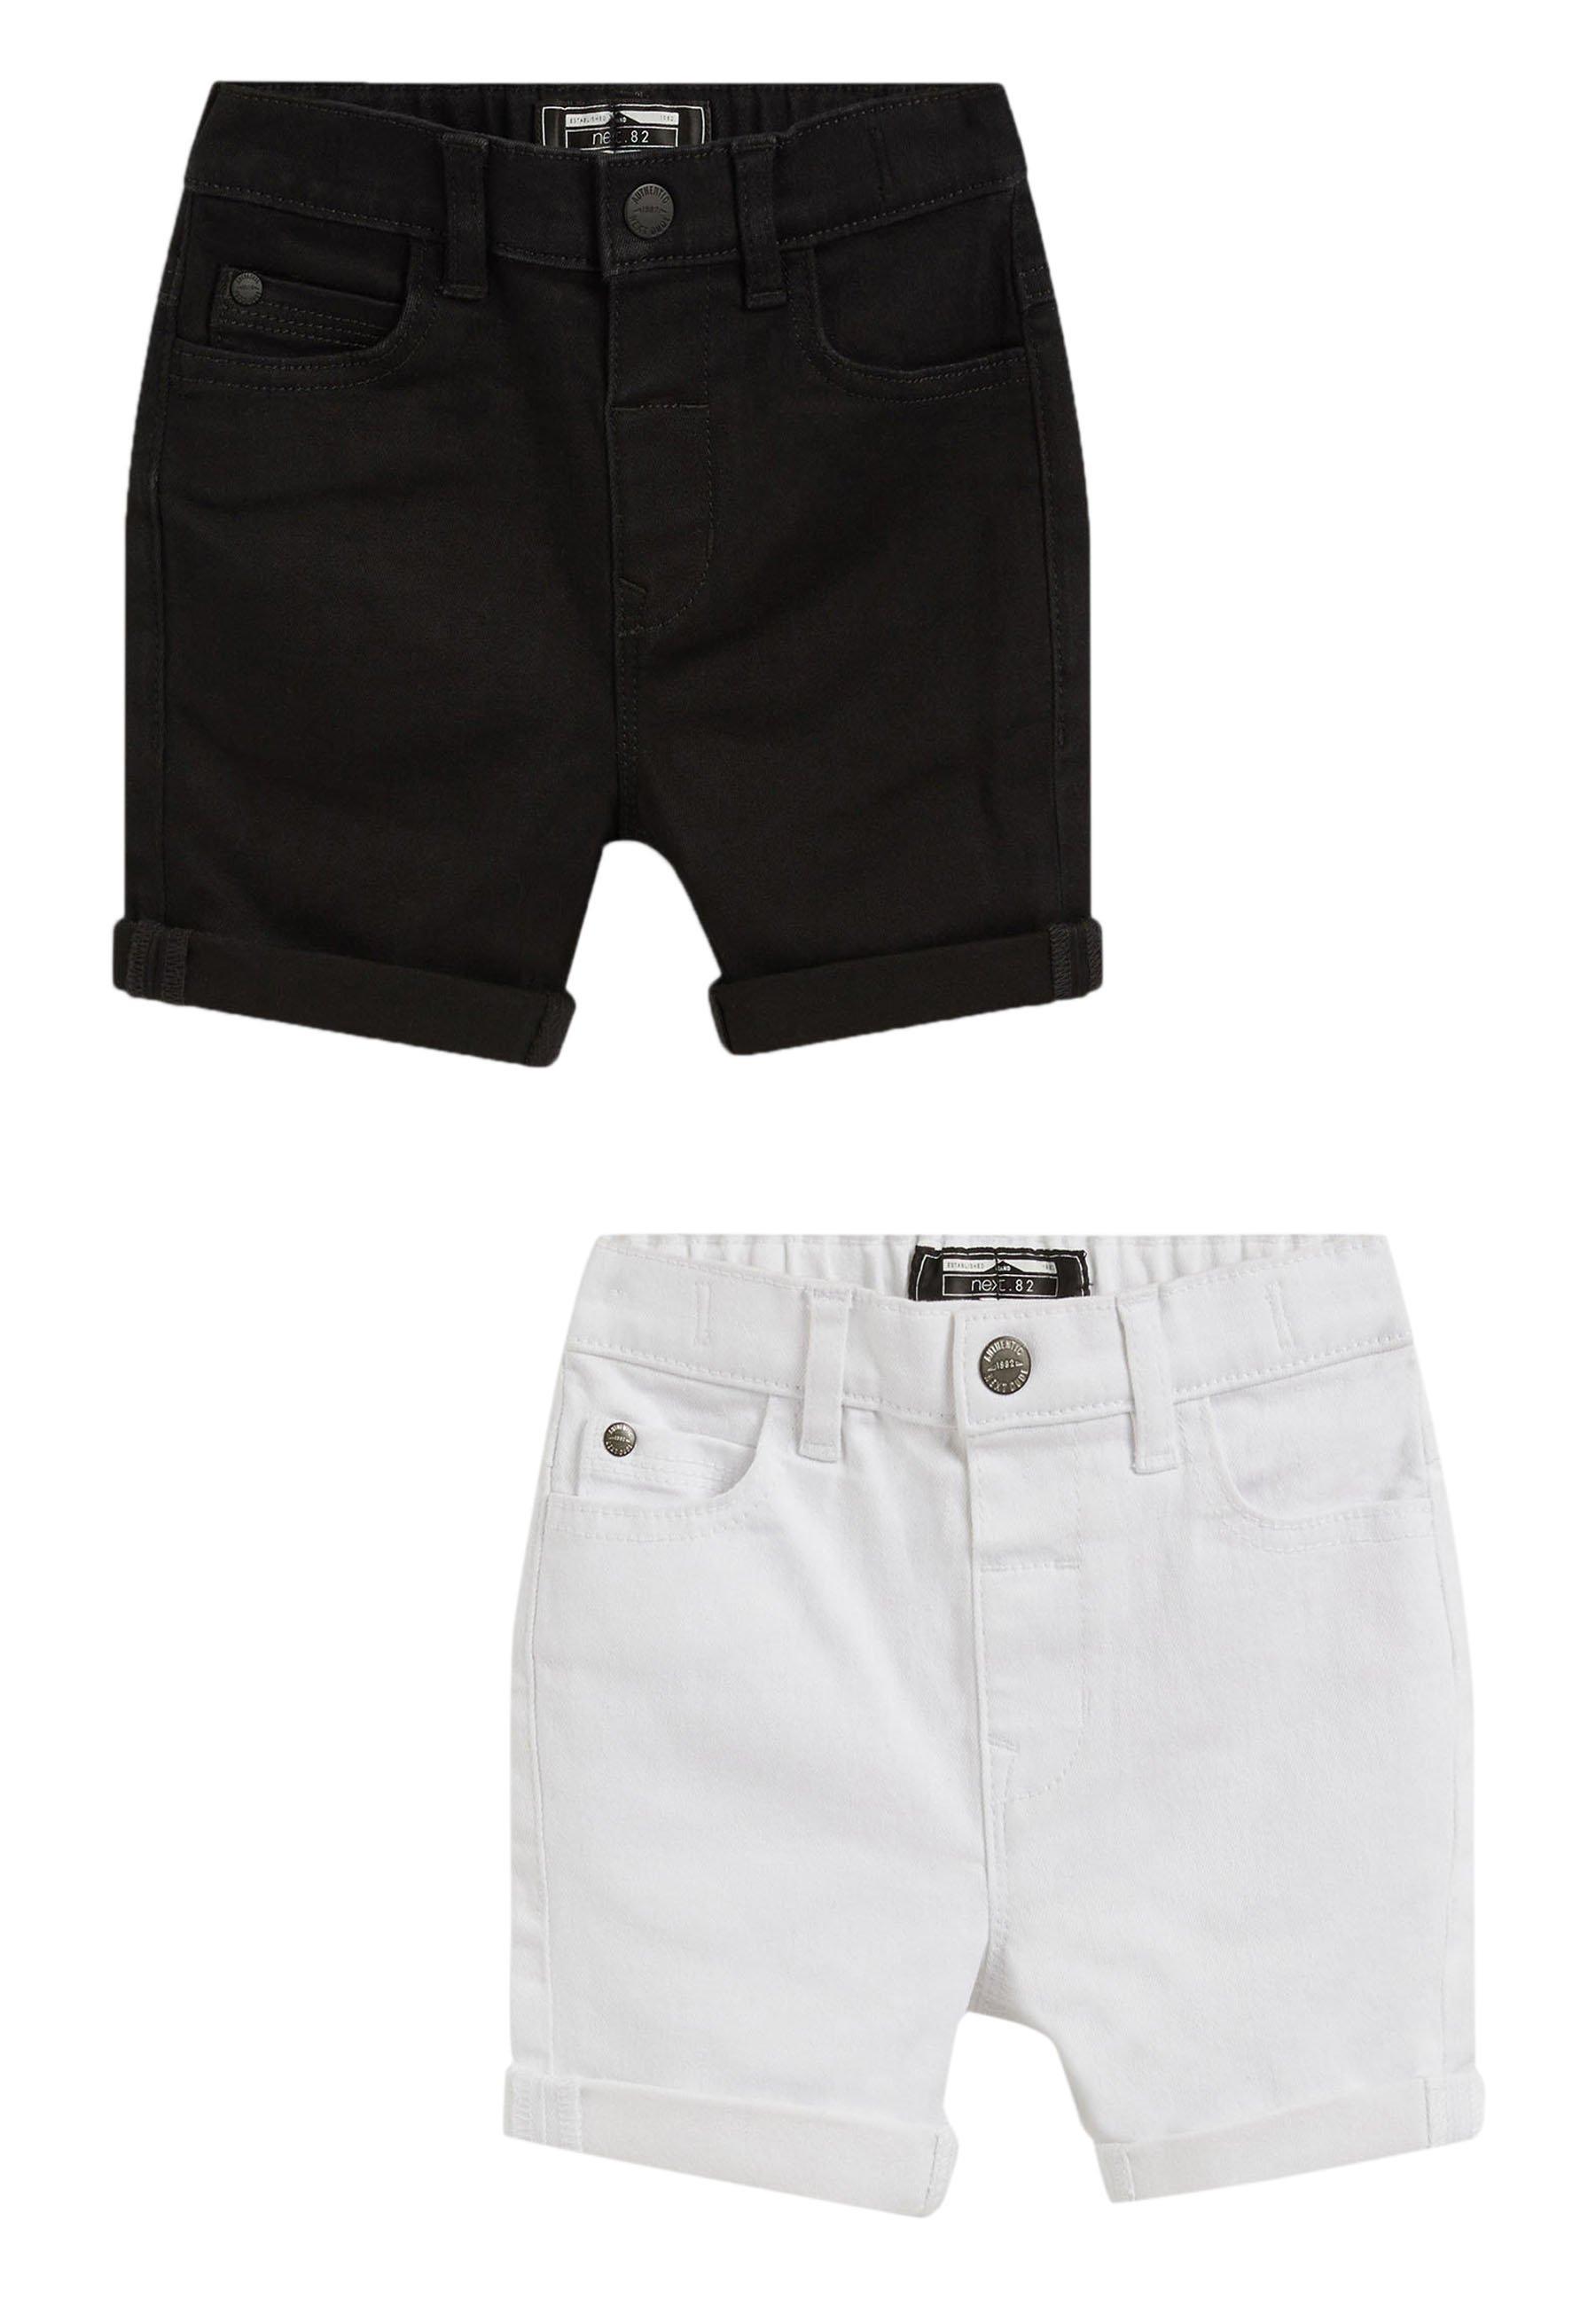 Kinder 2 PACK - Jeans Shorts